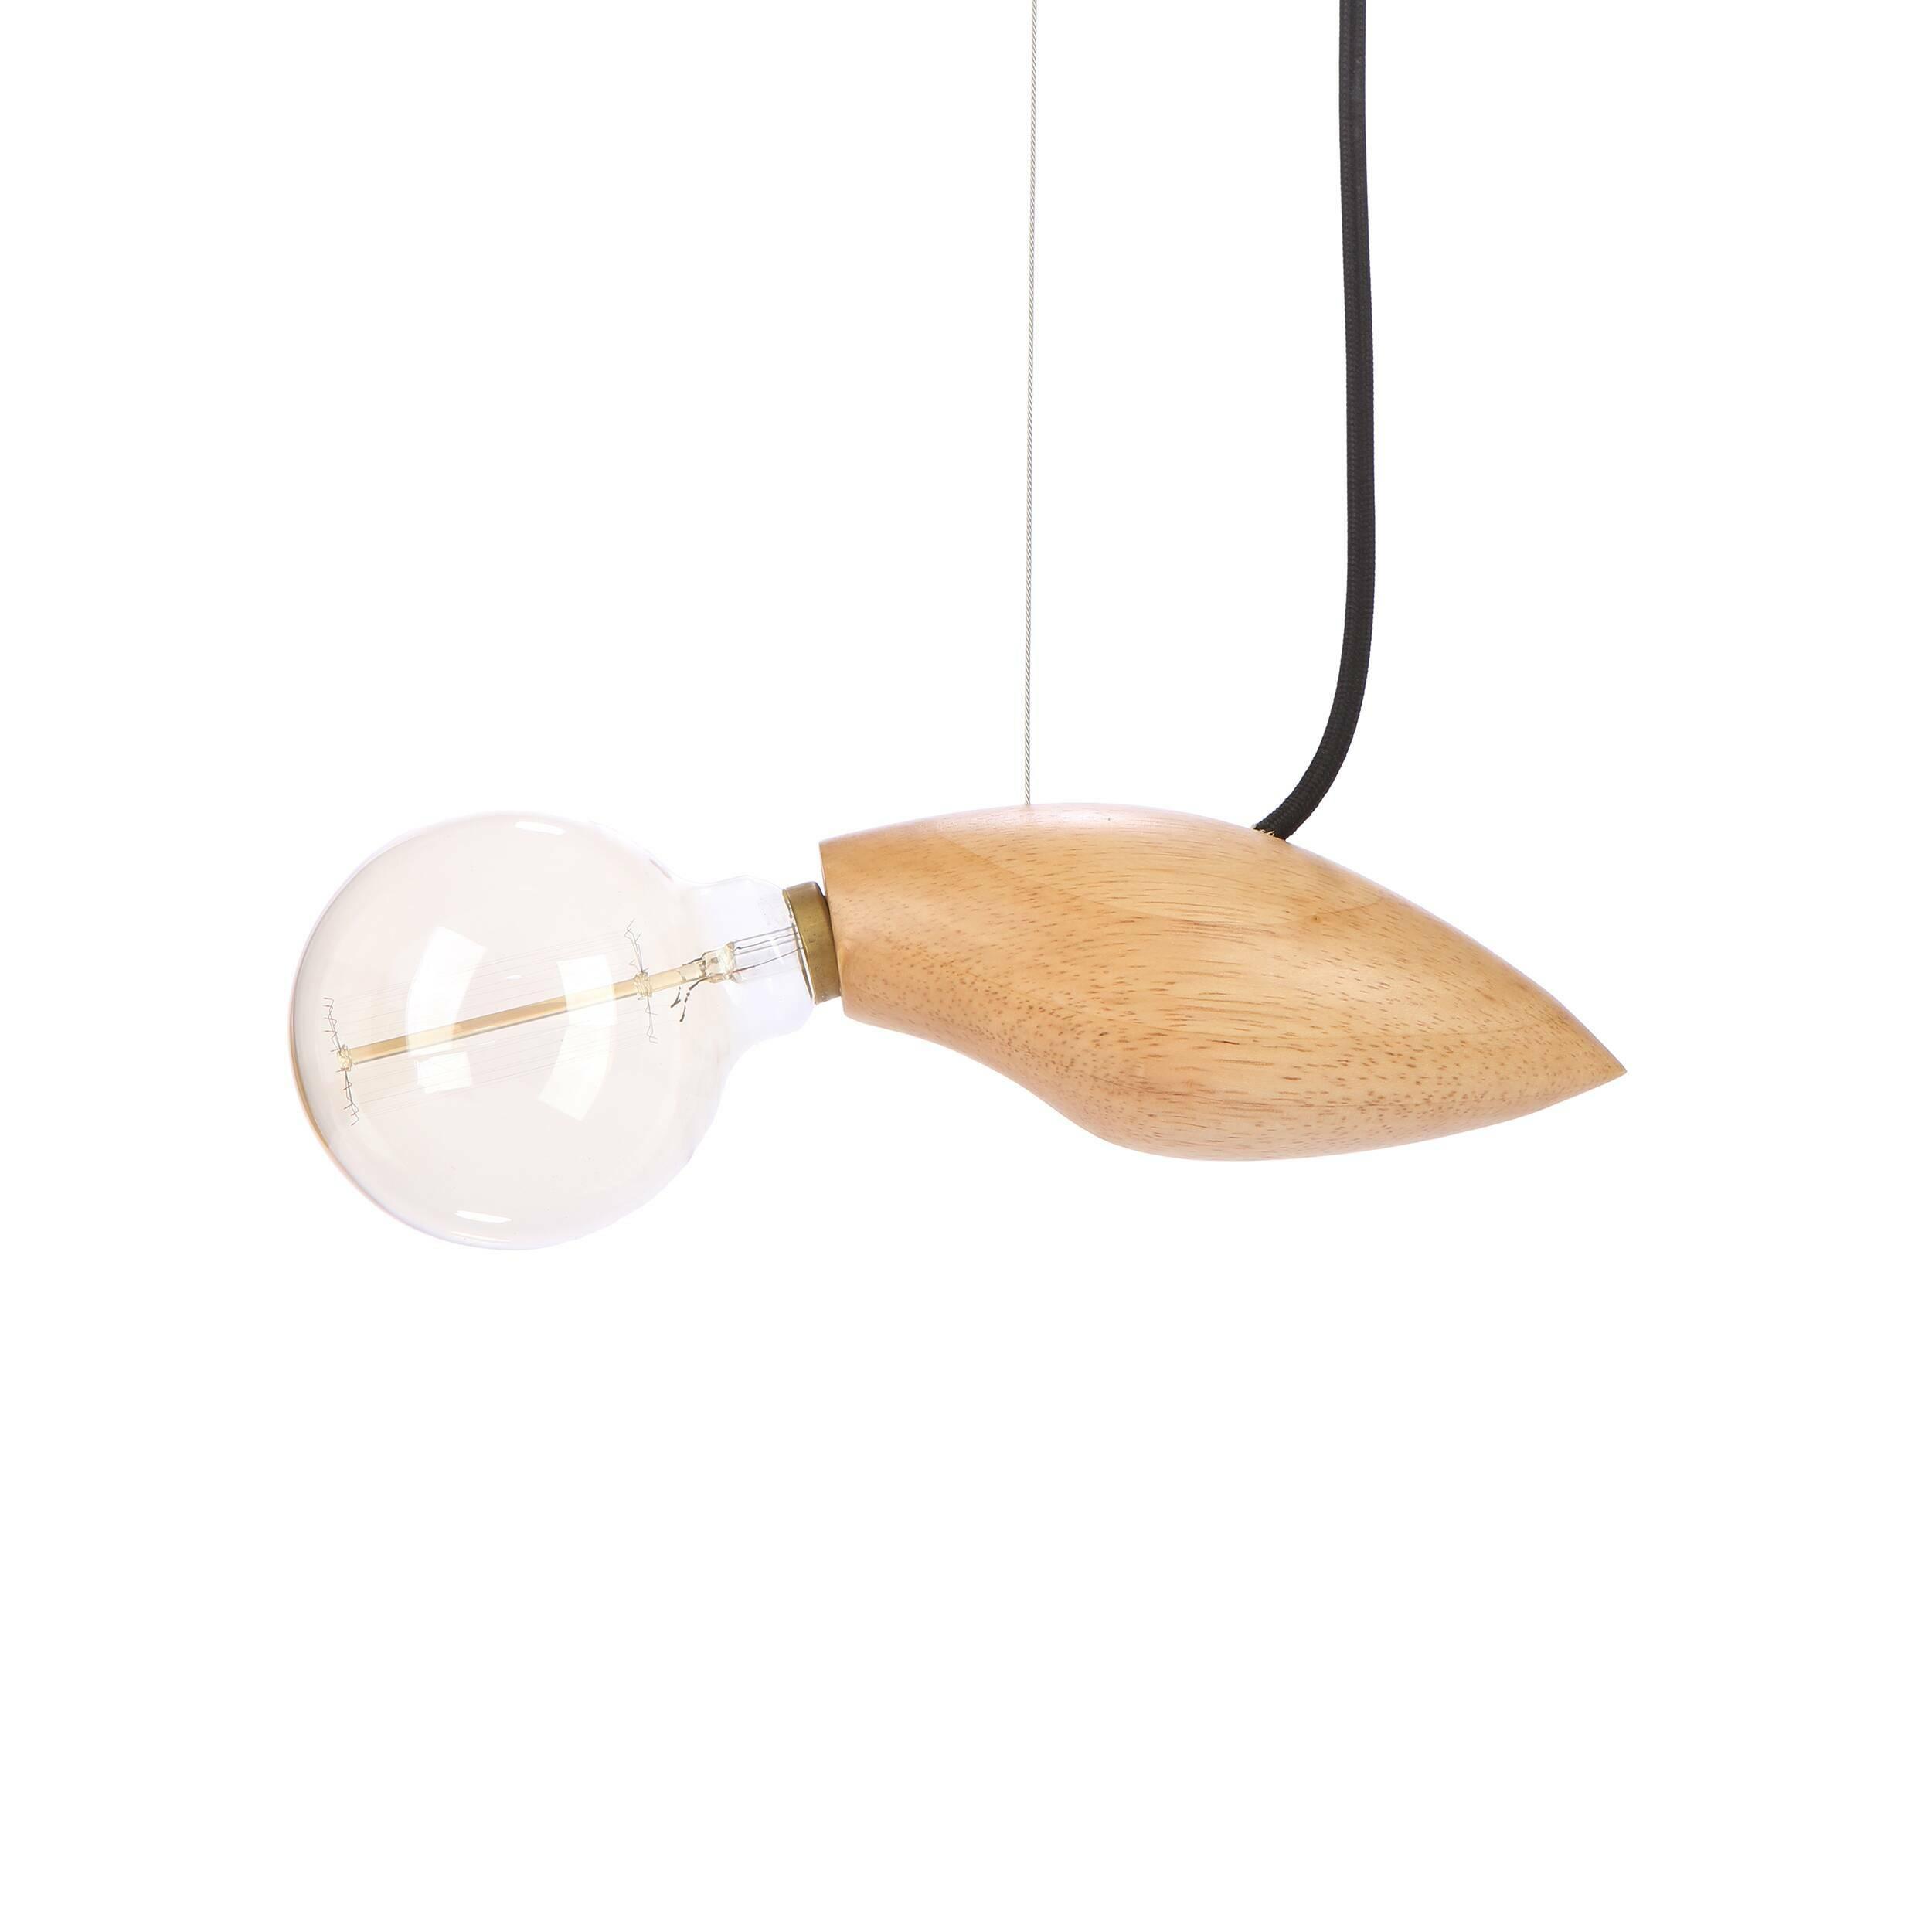 Подвесной светильник Squid длина 24Подвесные<br>Известный шведский дизайнер, выходец из Курдистана Джангир Маддади создал весьма оригинальный и интересный светильник, который непременно порадует ценителей и любителей нестандартных предметов домашнего освещения и декора. Подвесной светильник Squid длина 24 имеет очень небольшие размеры, а сочетание материалов позволяет вам использовать его в самых разных интерьерах, от стильного современного до более традиционных.<br><br><br> Светильник изготовлен из натуральной высококачественной древесины ...<br><br>stock: 0<br>Высота: 200<br>Ширина: 9,5<br>Длина: 24<br>Количество ламп: 1<br>Материал абажура: Дерево<br>Мощность лампы: 40<br>Ламп в комплекте: Нет<br>Напряжение: 220<br>Тип лампы/цоколь: E14<br>Цвет абажура: Бежевый<br>Цвет провода: Черный